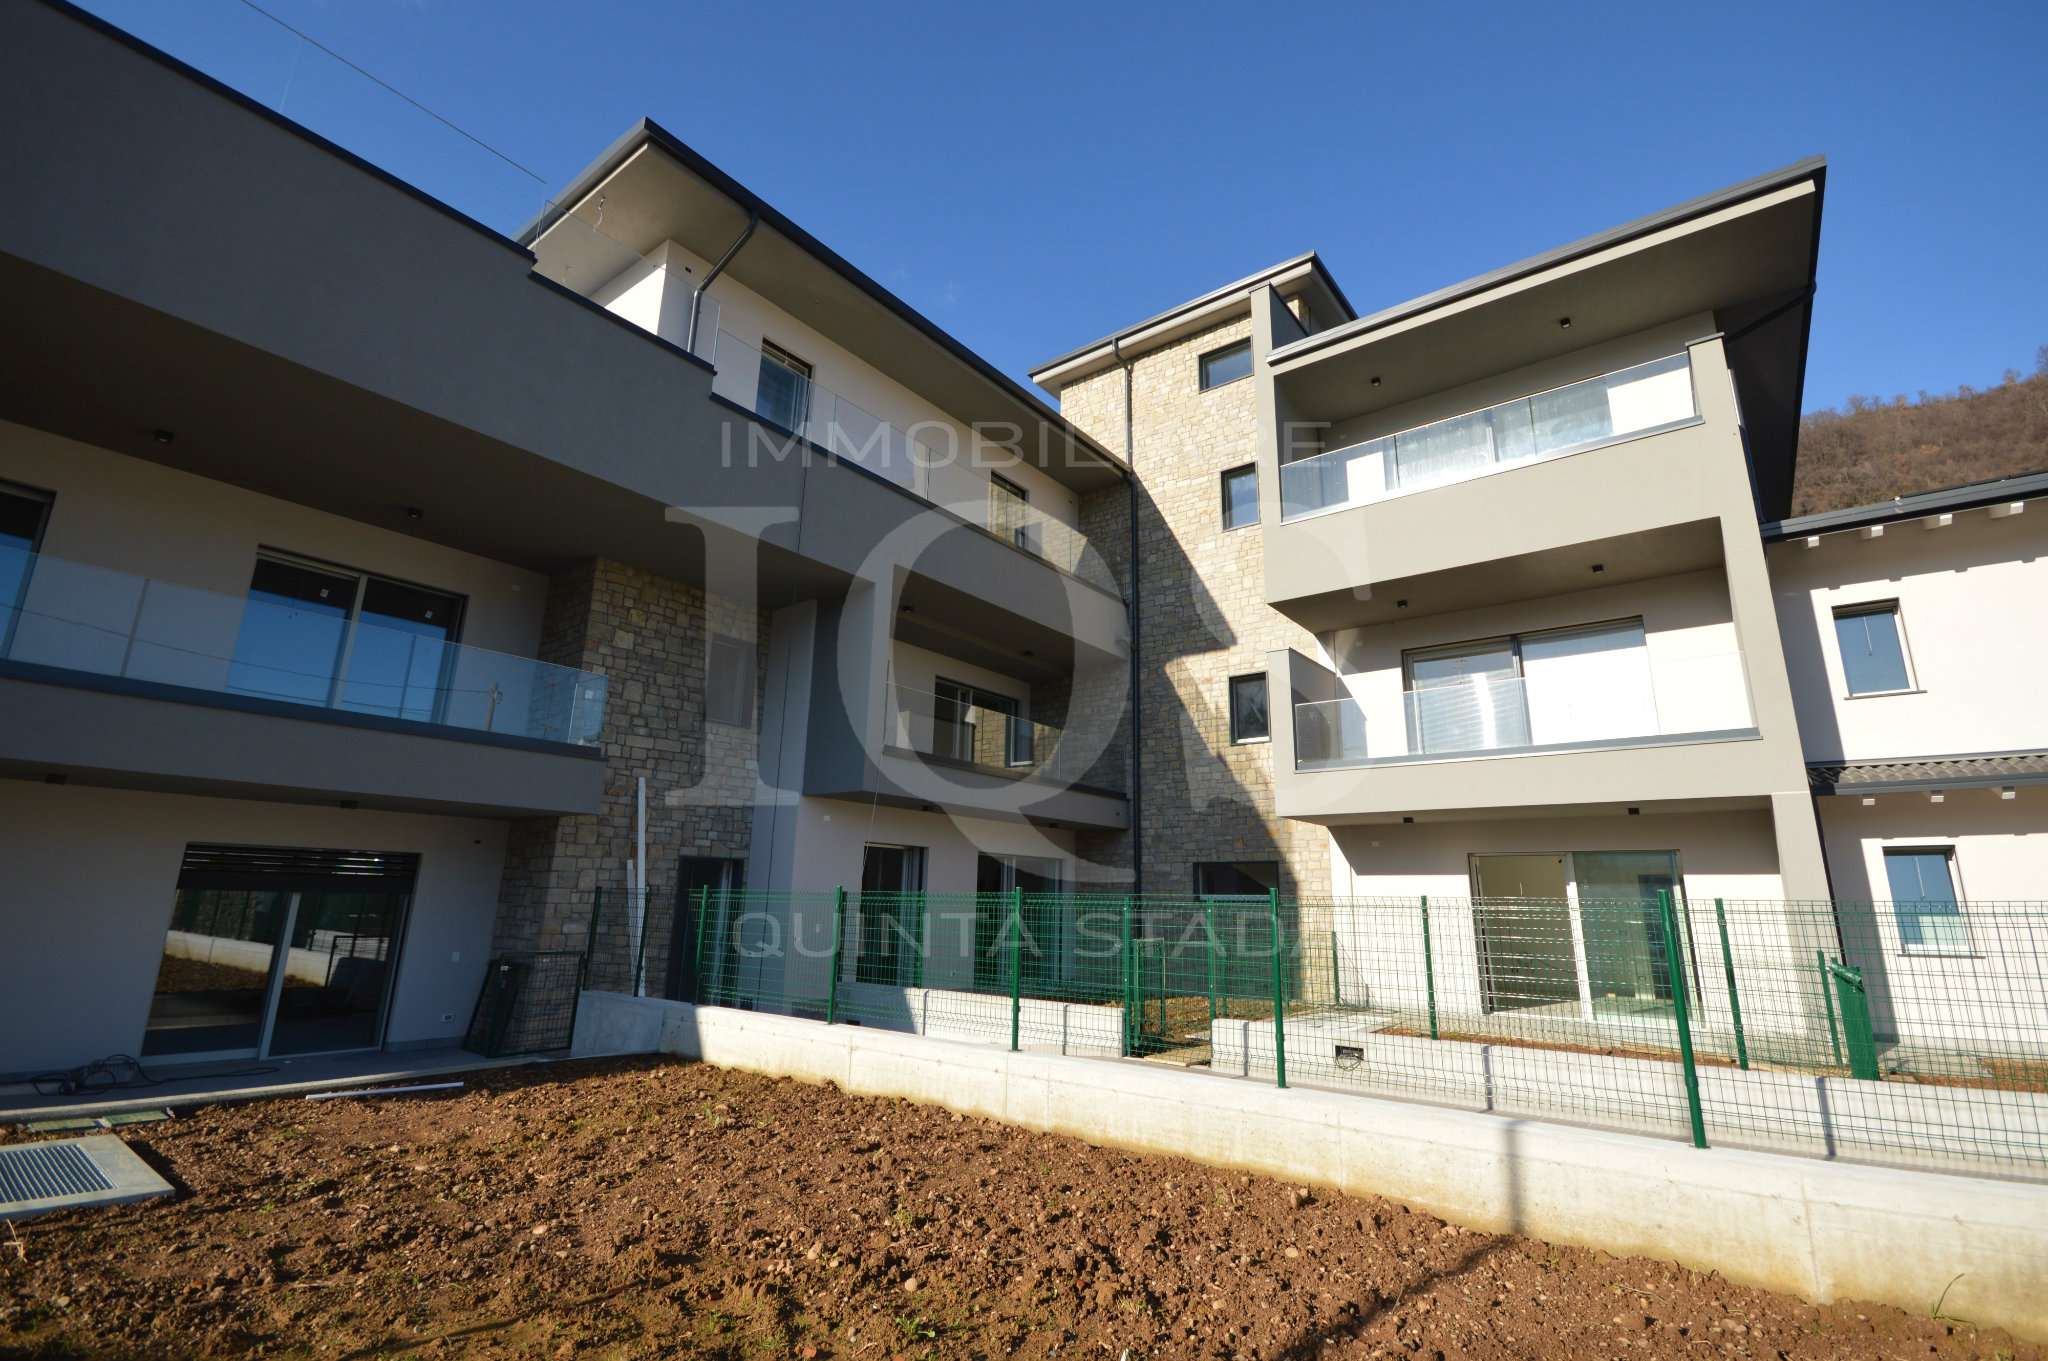 Attico / Mansarda in vendita a Sarnico, 3 locali, prezzo € 335.000 | PortaleAgenzieImmobiliari.it